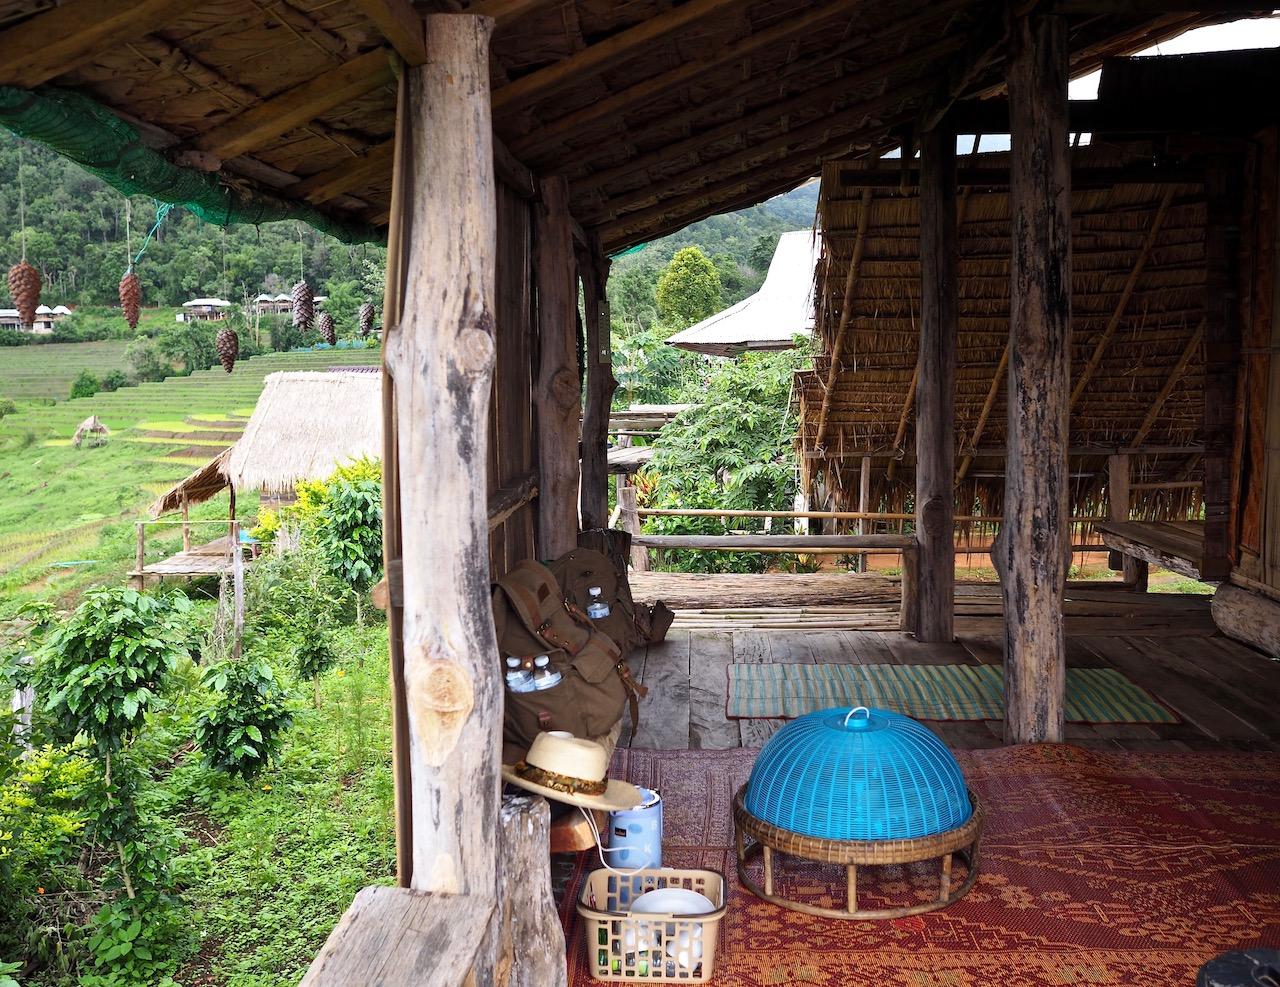 Une nuit dans les rizières de Ban Pa Pong Pieng dans la province de Chiang Mai : notre guest house